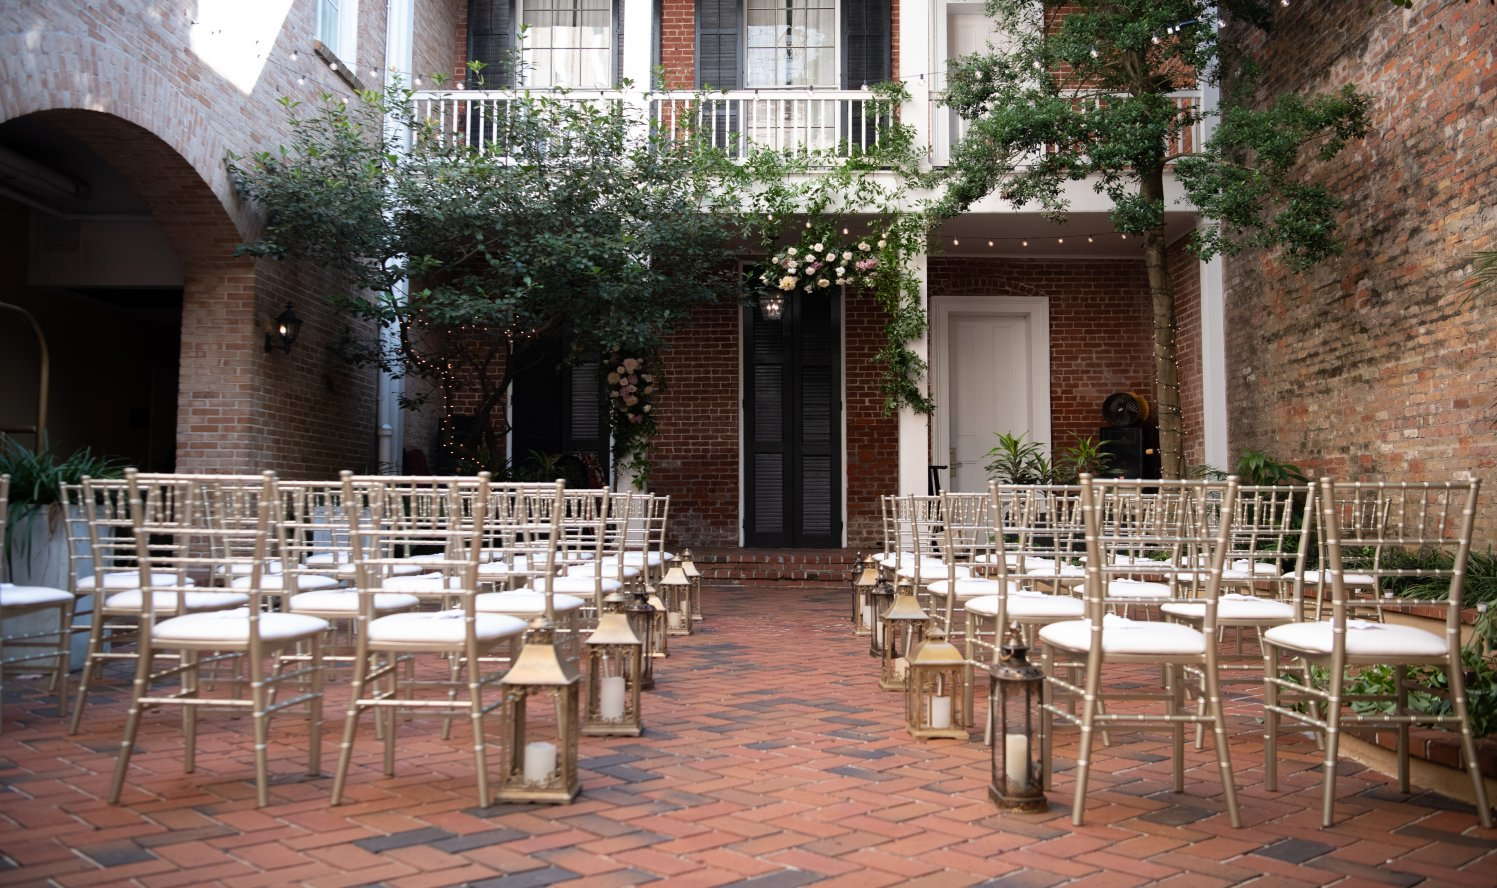 Chateau LeMoyne - French Quarter, A Holiday Inn Hotel